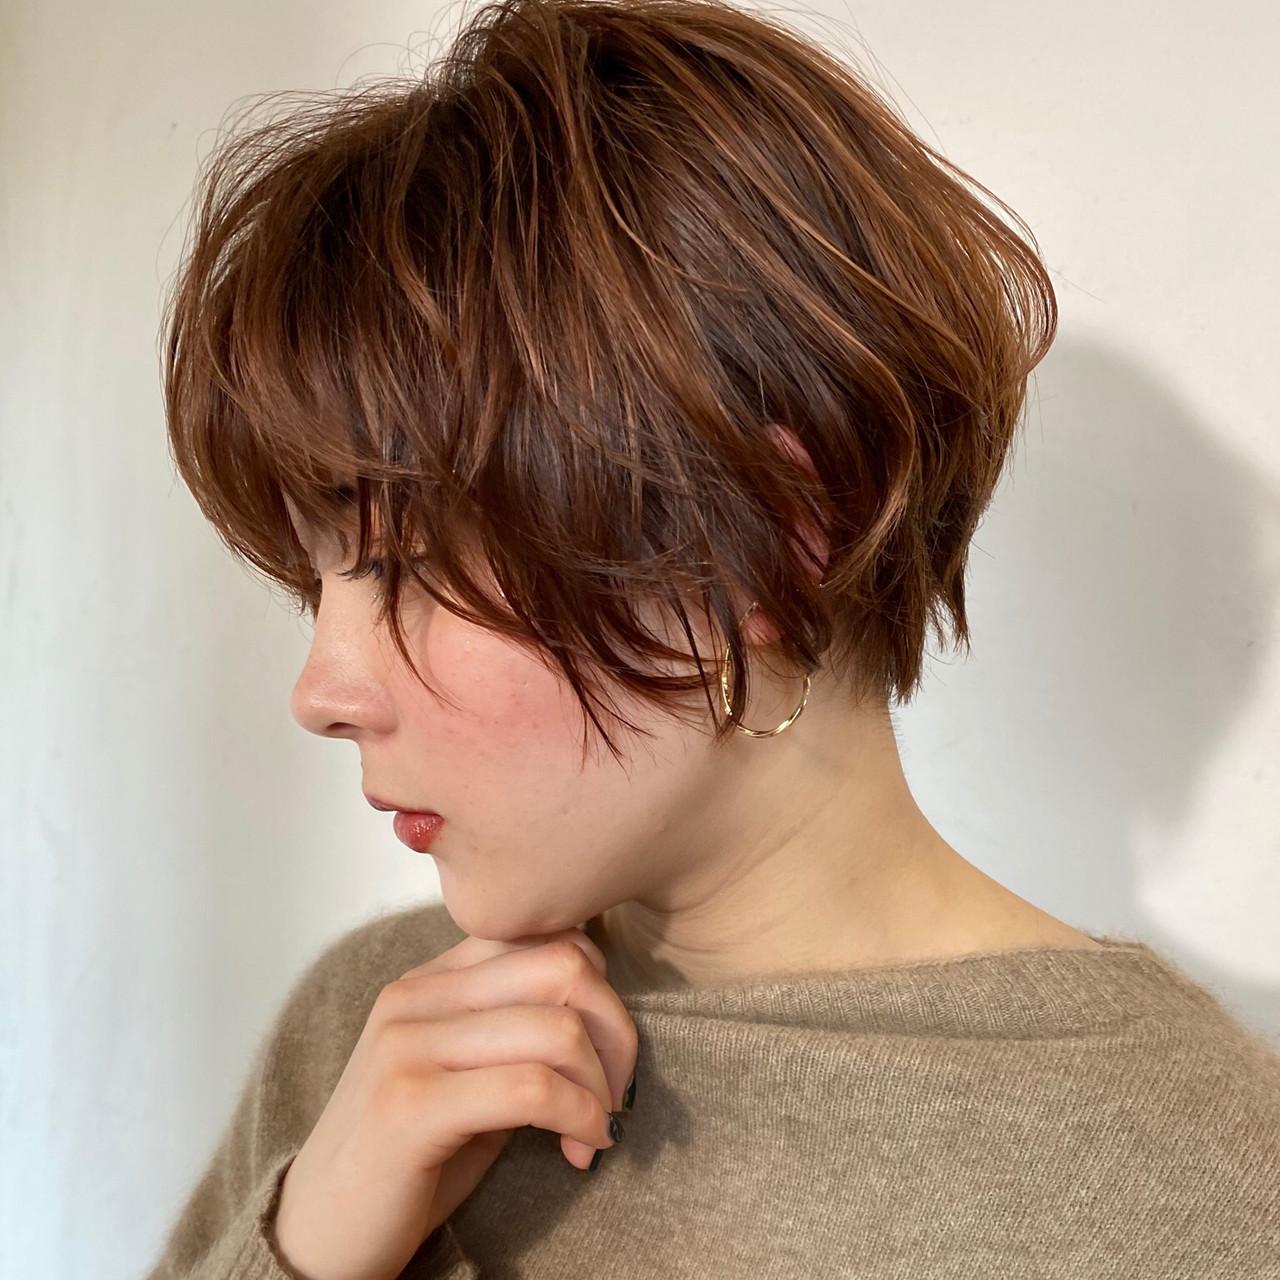 丸みショート ショート 大人可愛い フェミニン ヘアスタイルや髪型の写真・画像